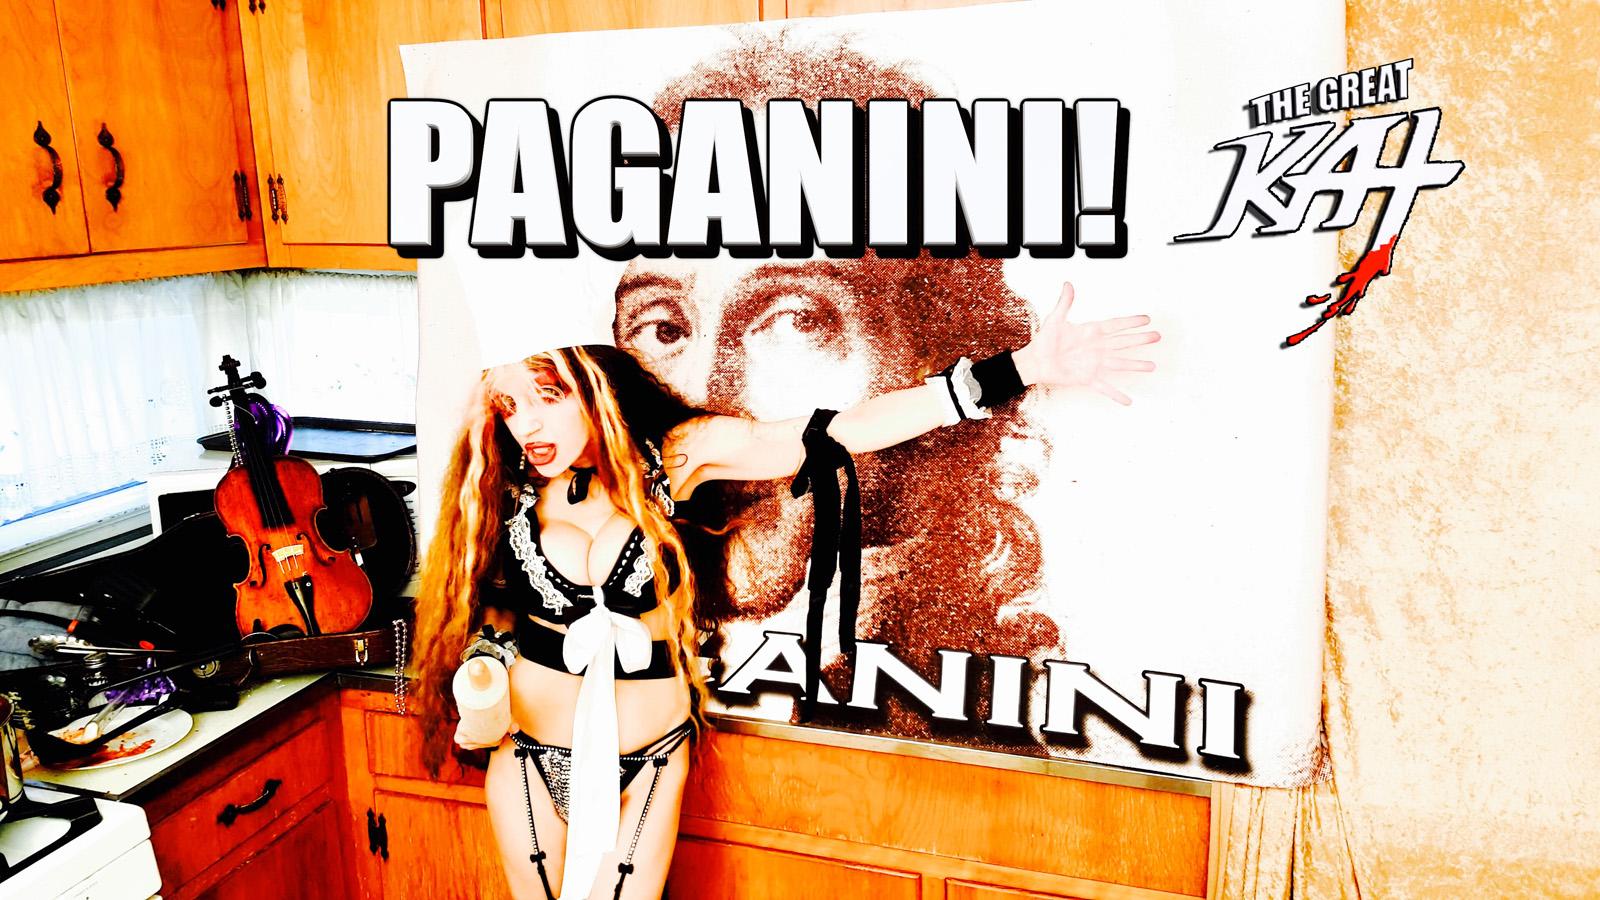 PAGANINI! From CHEF GREAT KAT COOKS PAGANINI'S RAVIOLI!